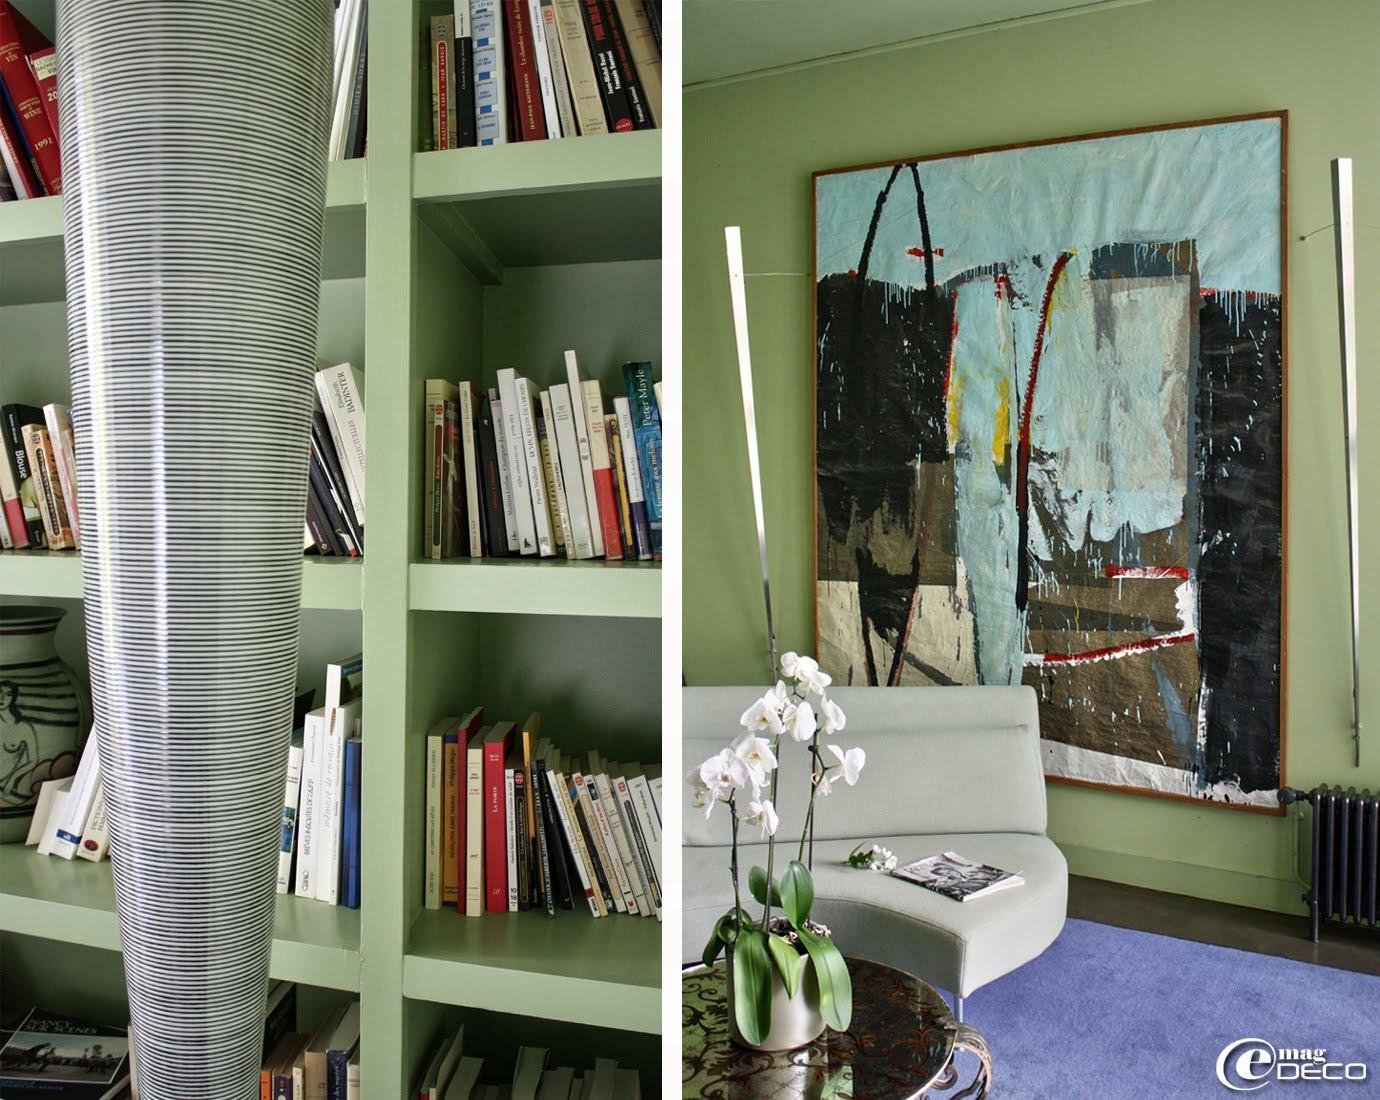 Toile de Tony Soulié exposée dans le salon-bibliothèque de La Maison Bord'Eaux